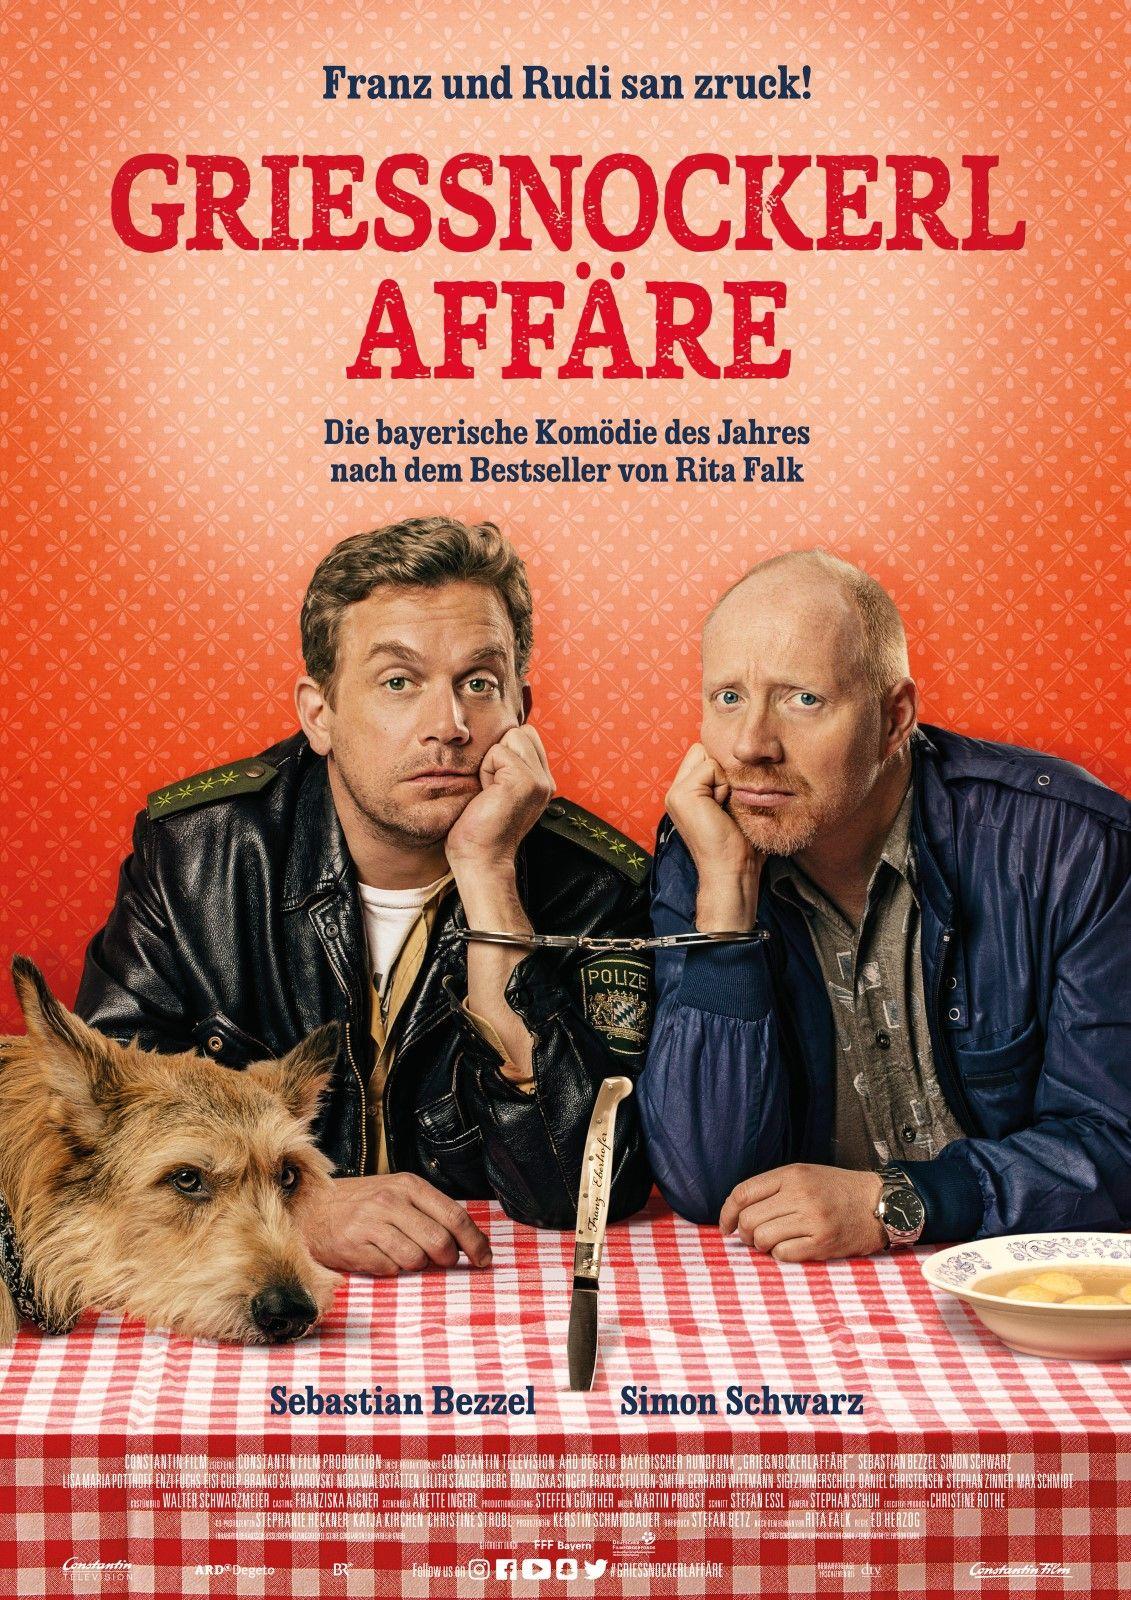 Grießnockerlaffäre ein Film von Ed Herzog mit Sebastian